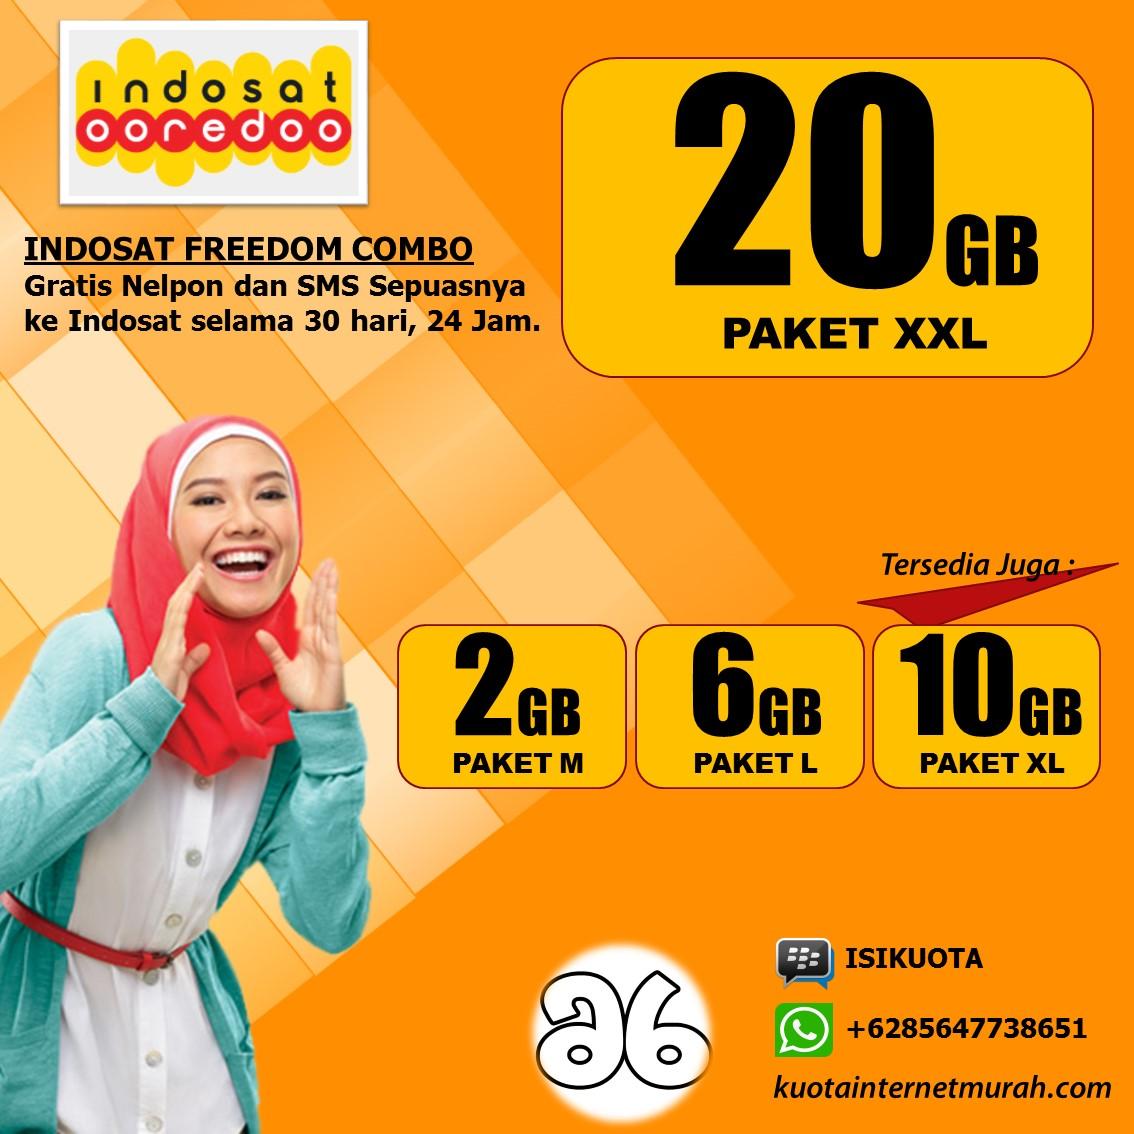 Harga Inject Kuota Indosat Ooredo April 2016 Freedom Combo L